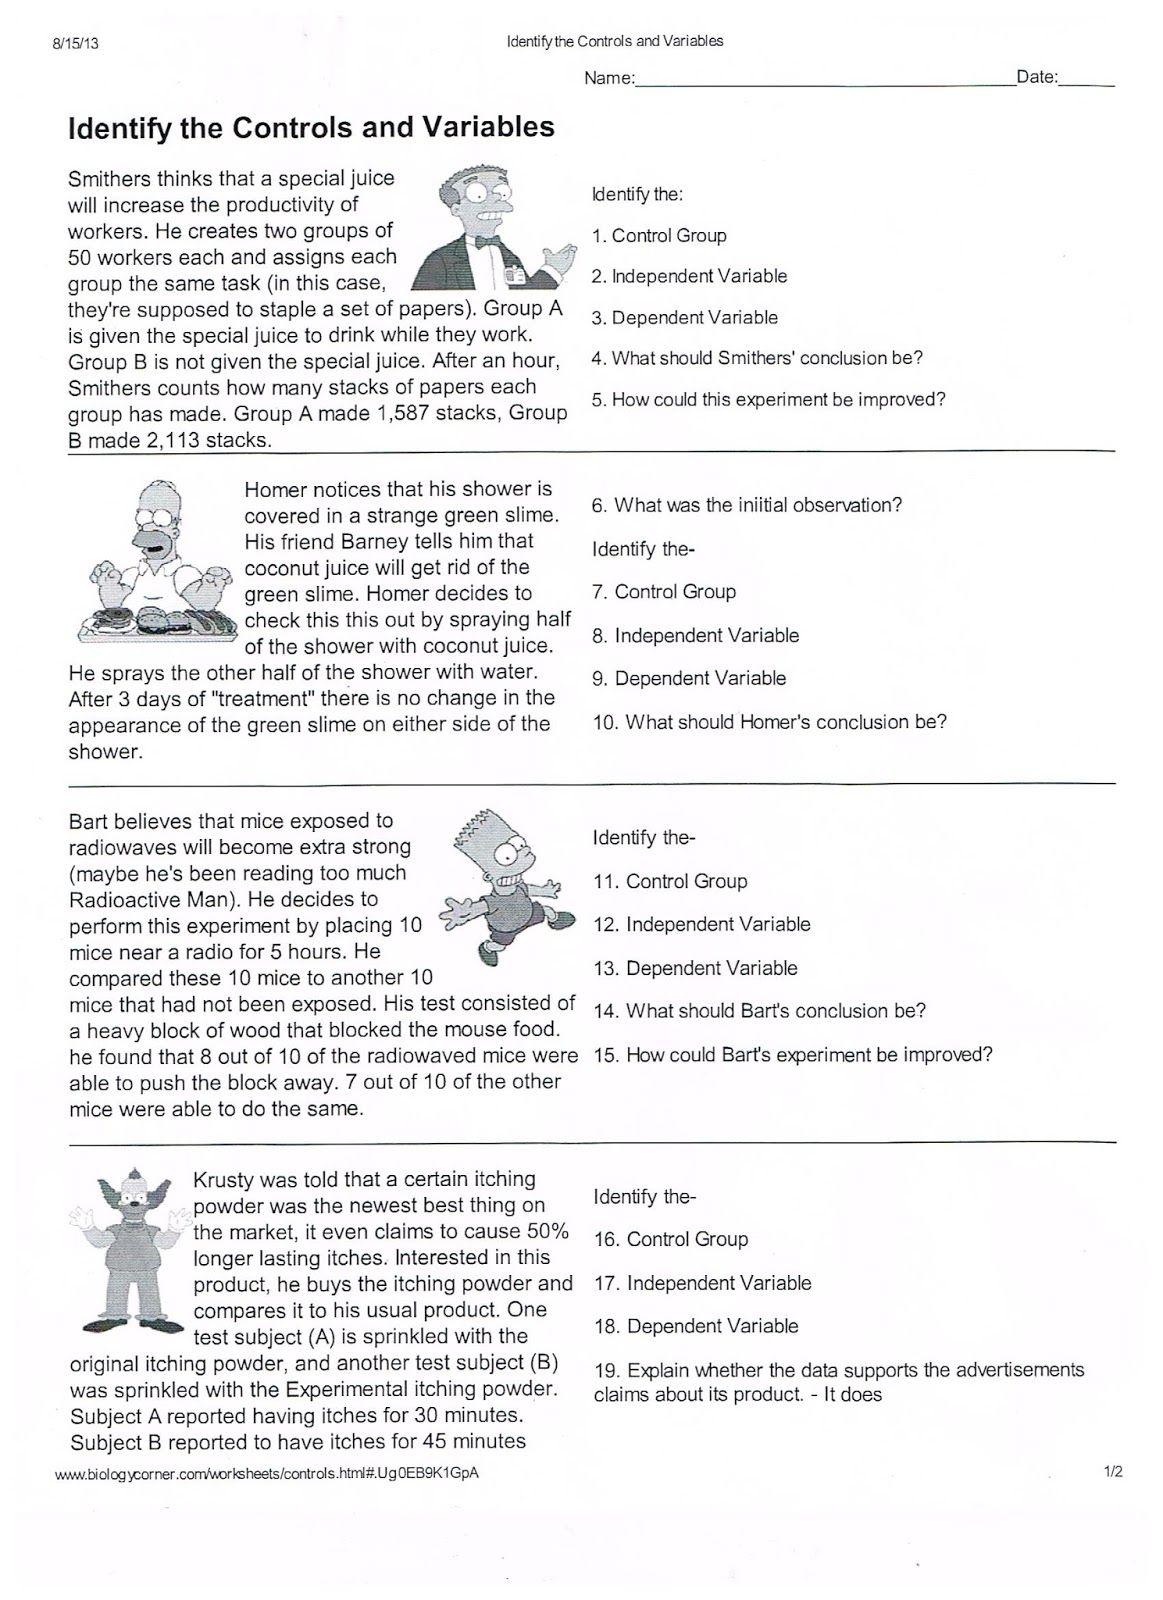 Scientific Method Worksheets Pdf Worksheet Examples Scientific Method Worksheet Science Worksheets Scientific Method